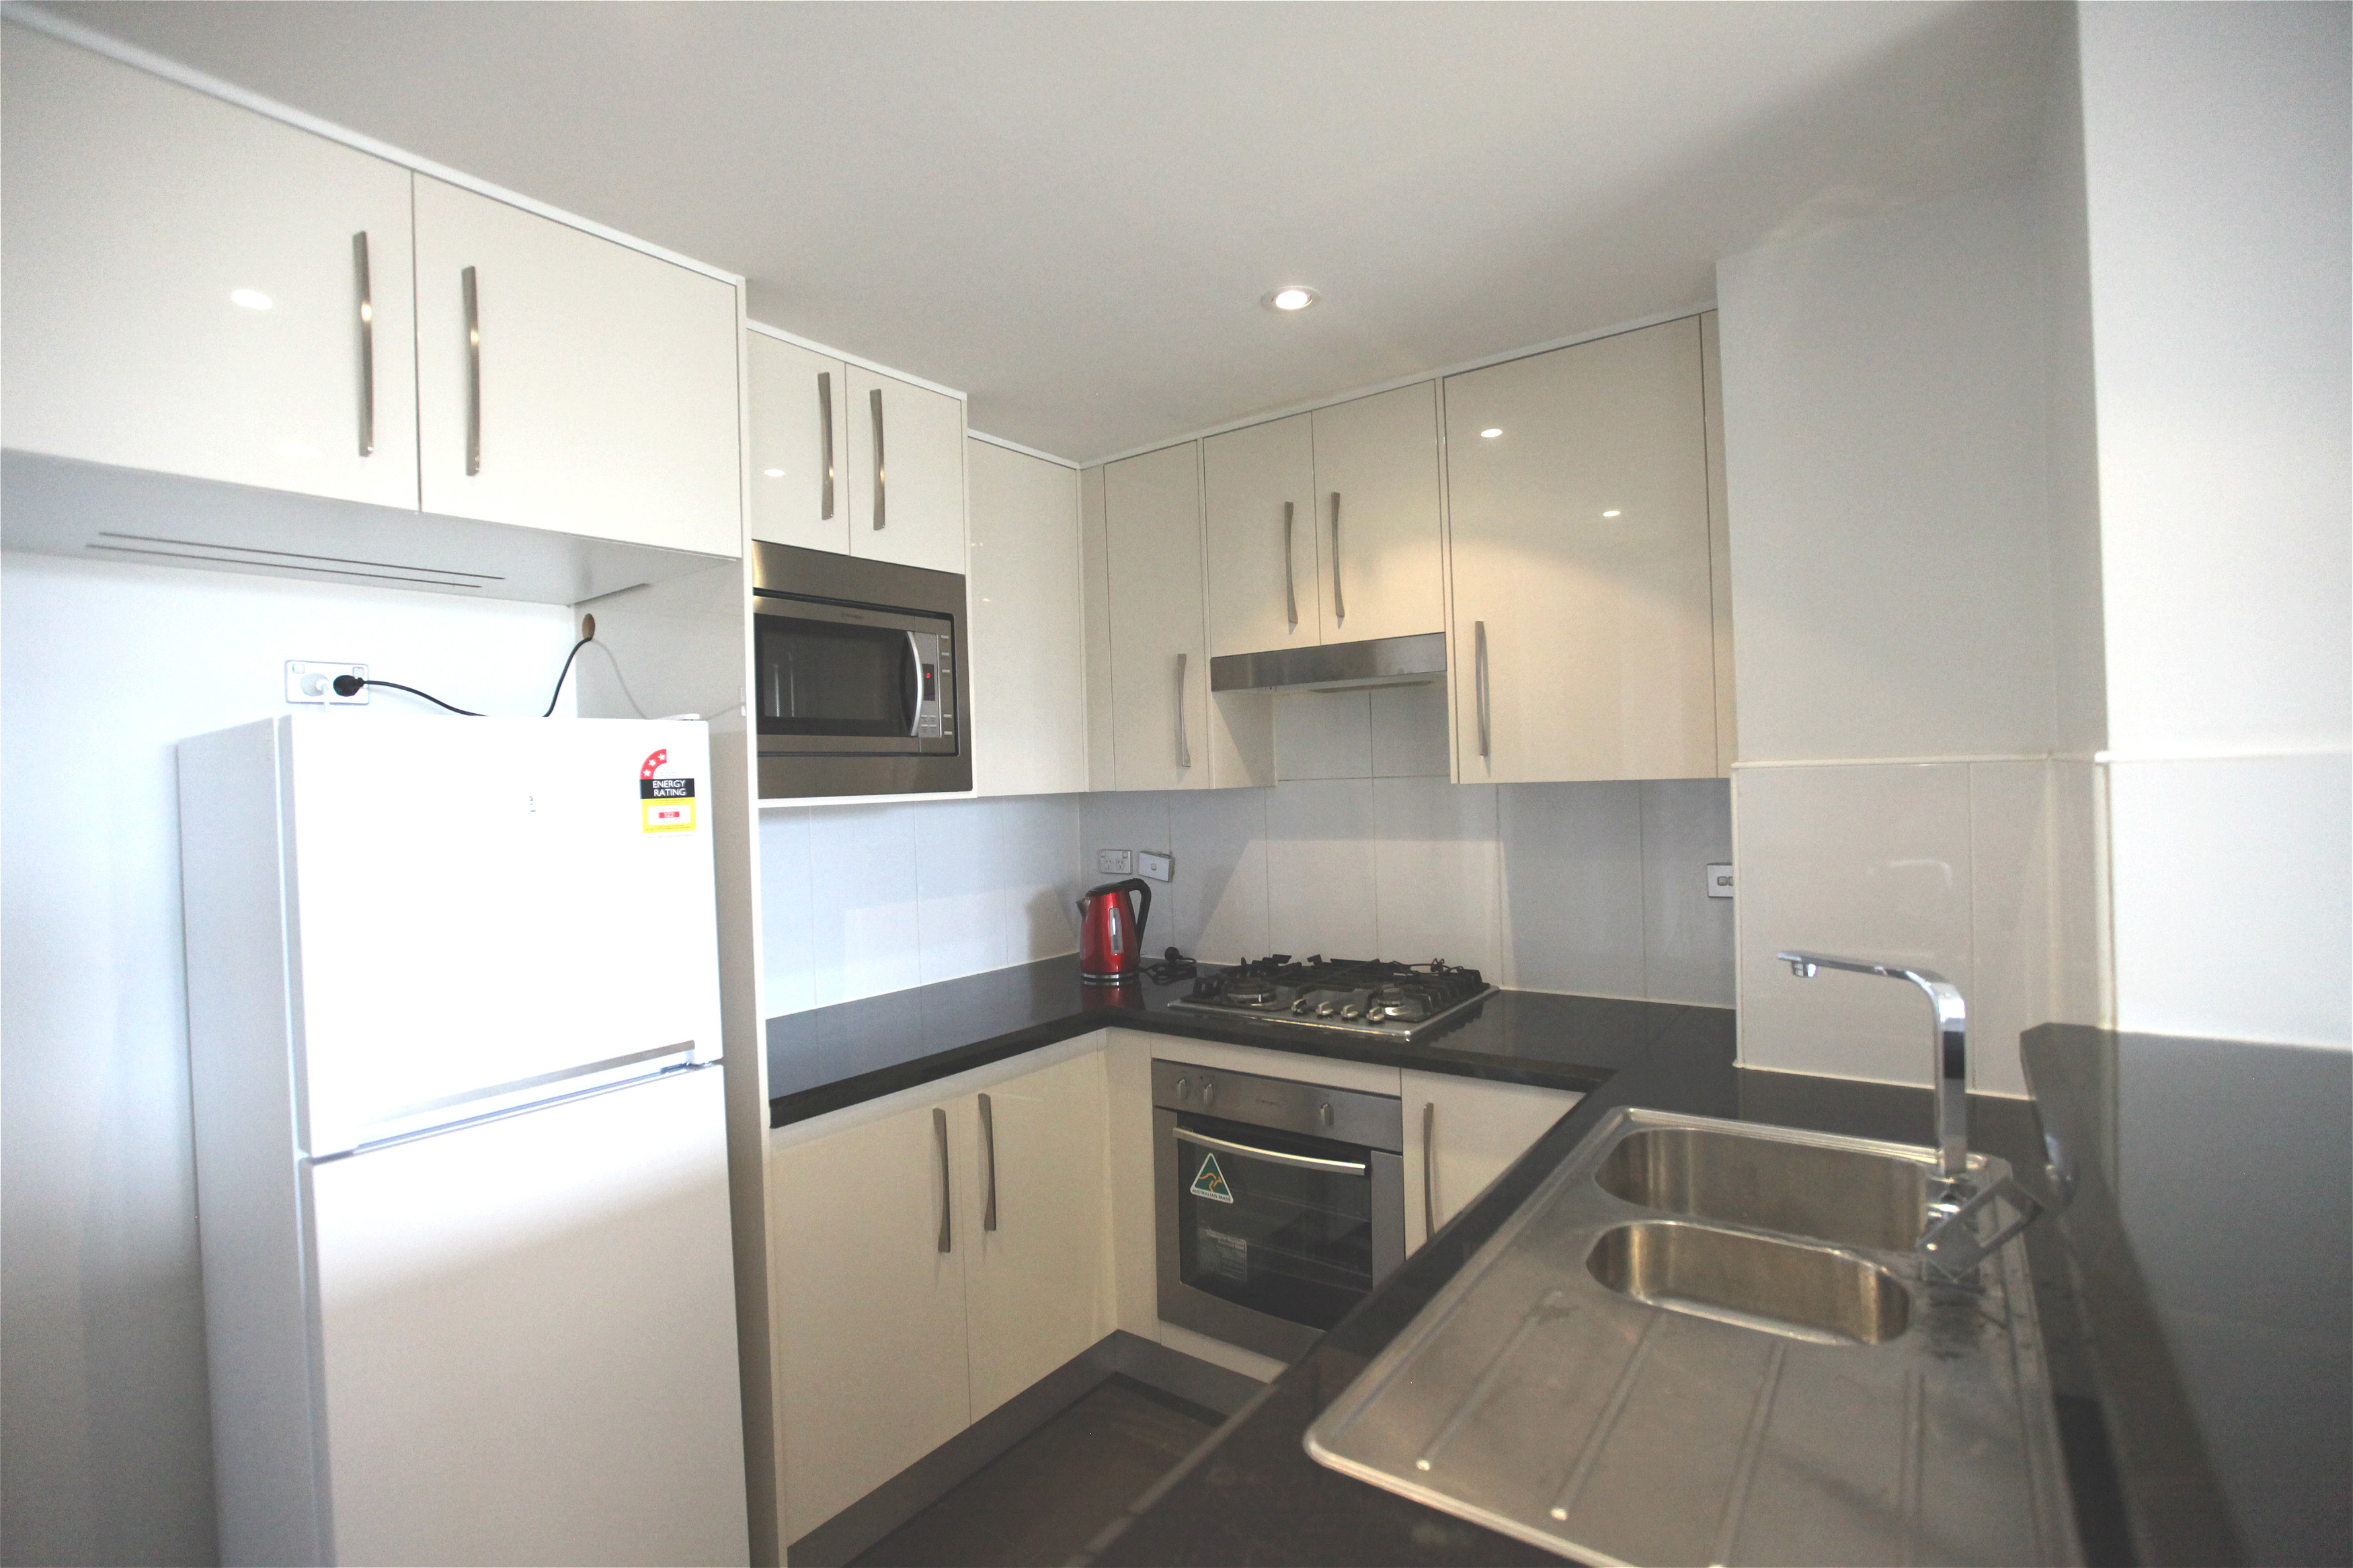 228 kitchen